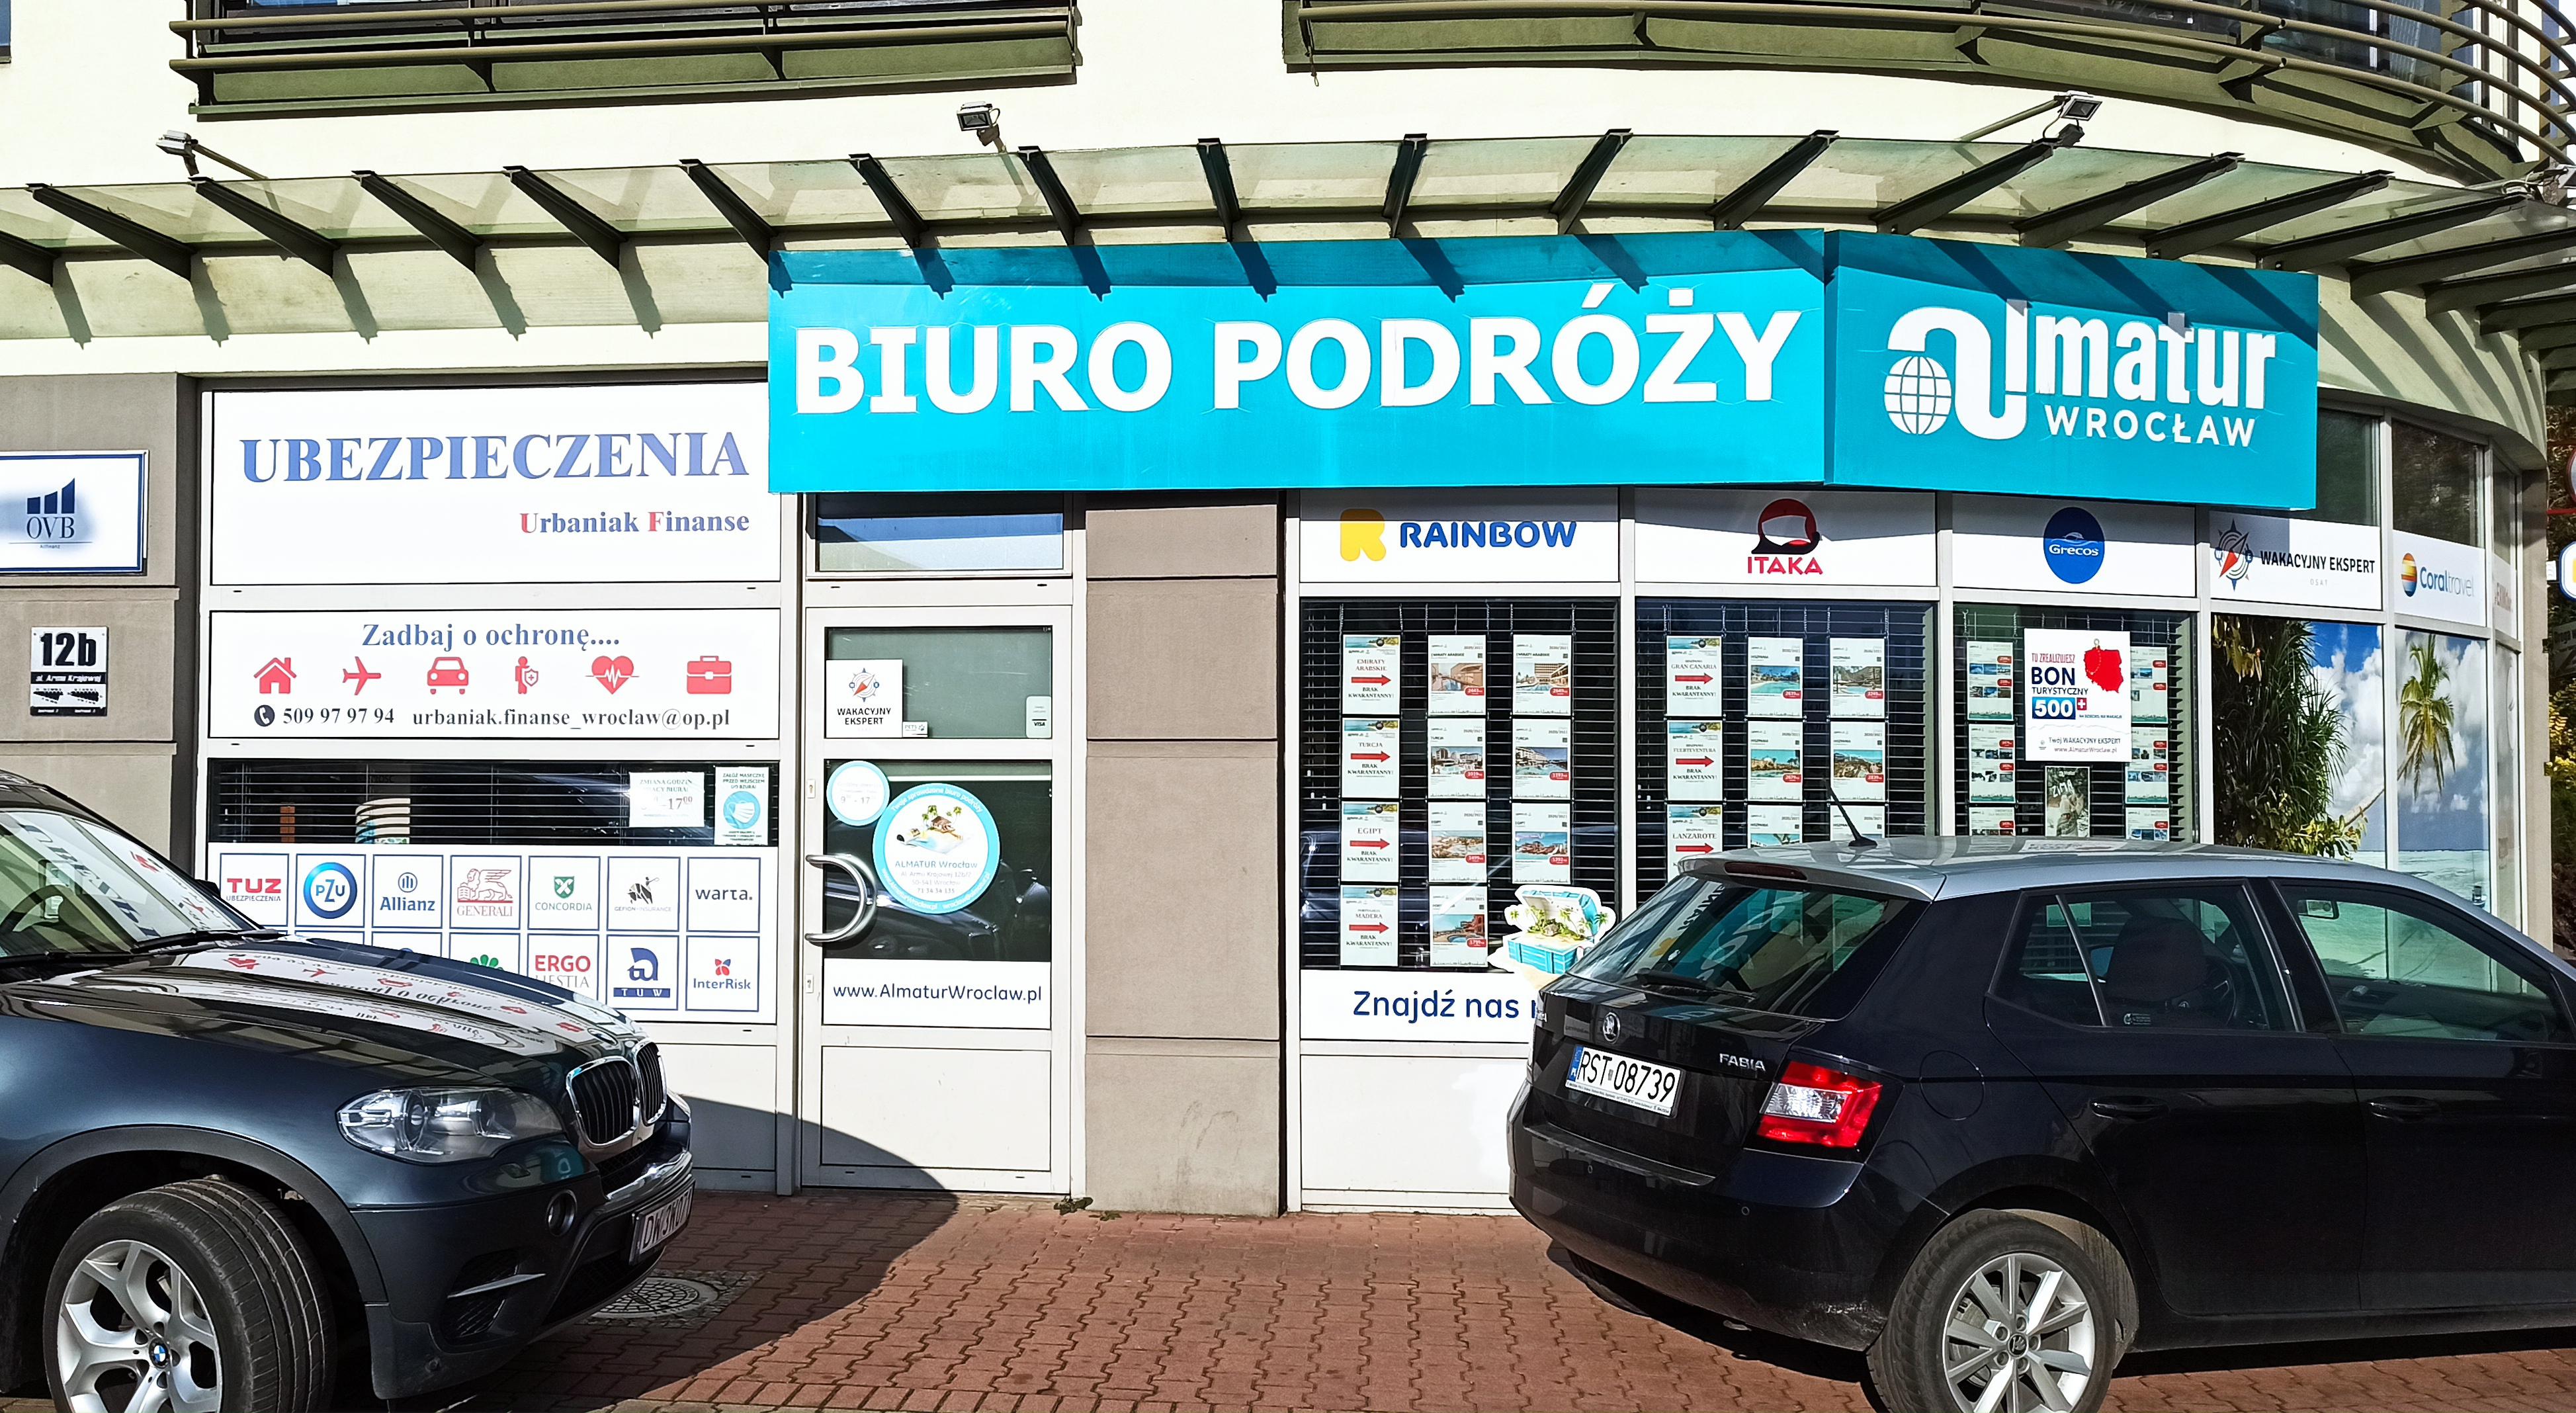 UBEZPIECZENIA Urbaniak Finanse